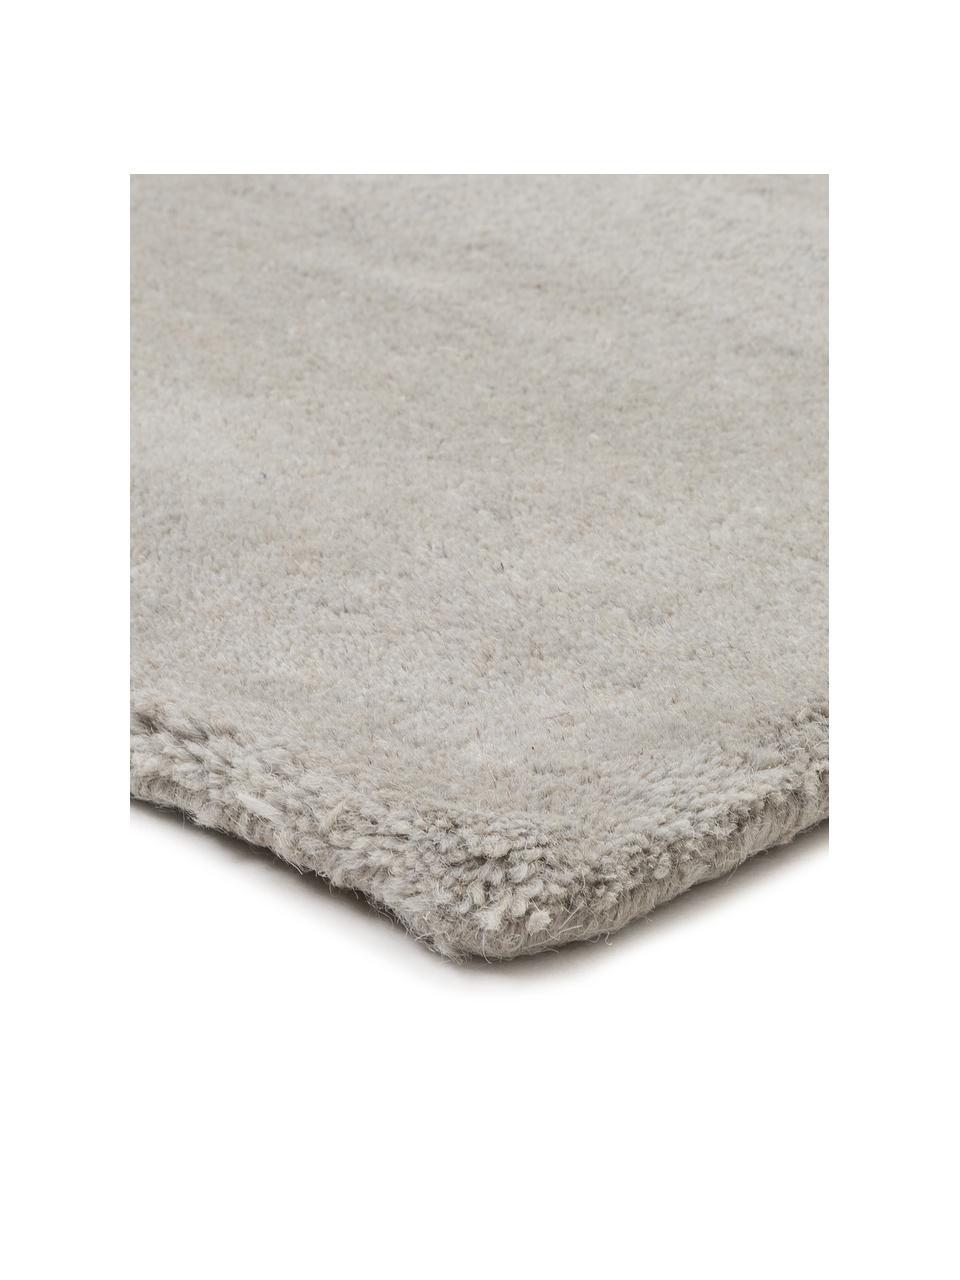 Designteppich Ometri aus Wolle, handgetuftet, 100% Wolle  Bei Wollteppichen können sich in den ersten Wochen der Nutzung Fasern lösen, dies reduziert sich durch den täglichen Gebrauch und die Flusenbildung geht zurück., Mehrfarbig, B 140 x L 200 cm (Größe S)